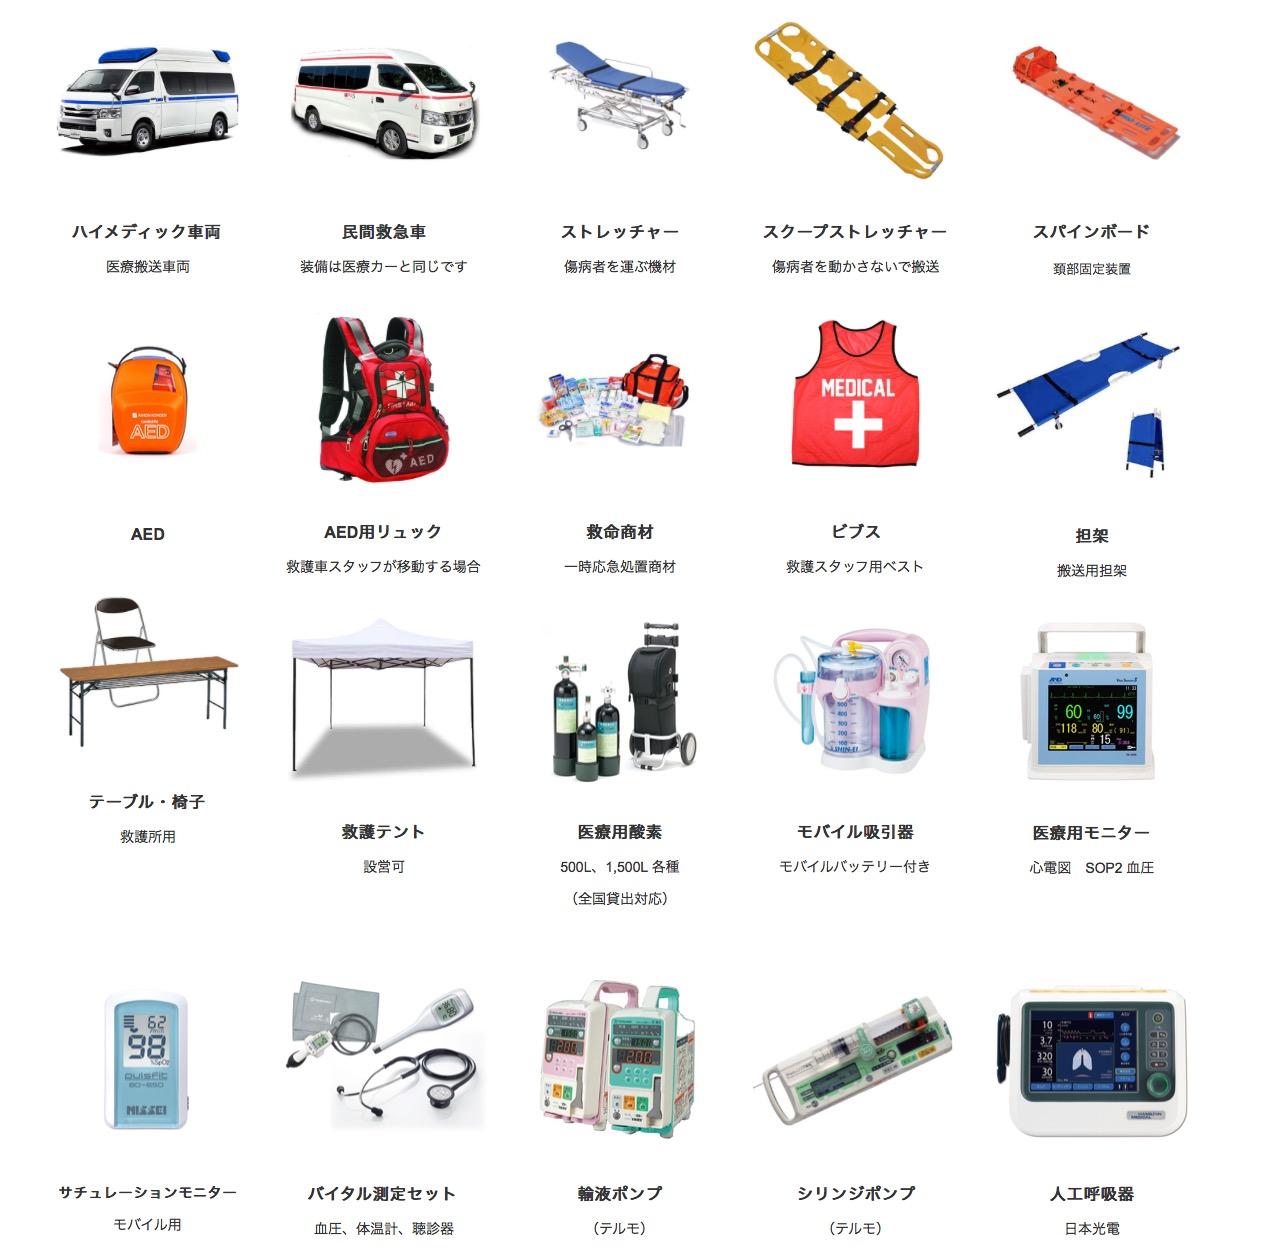 イベント救護レンタル機材